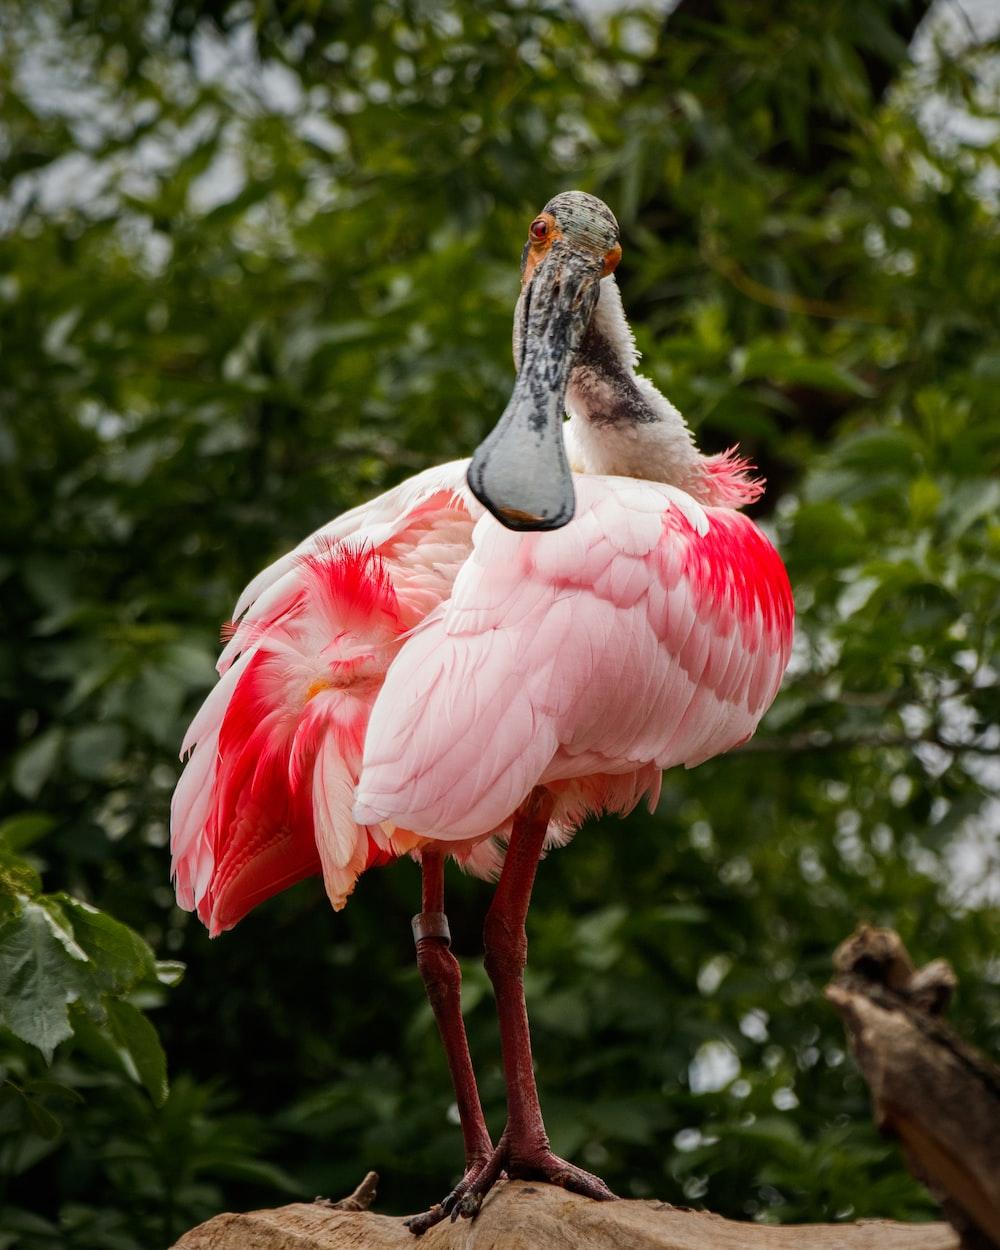 pink long-beaked bird on brown rock